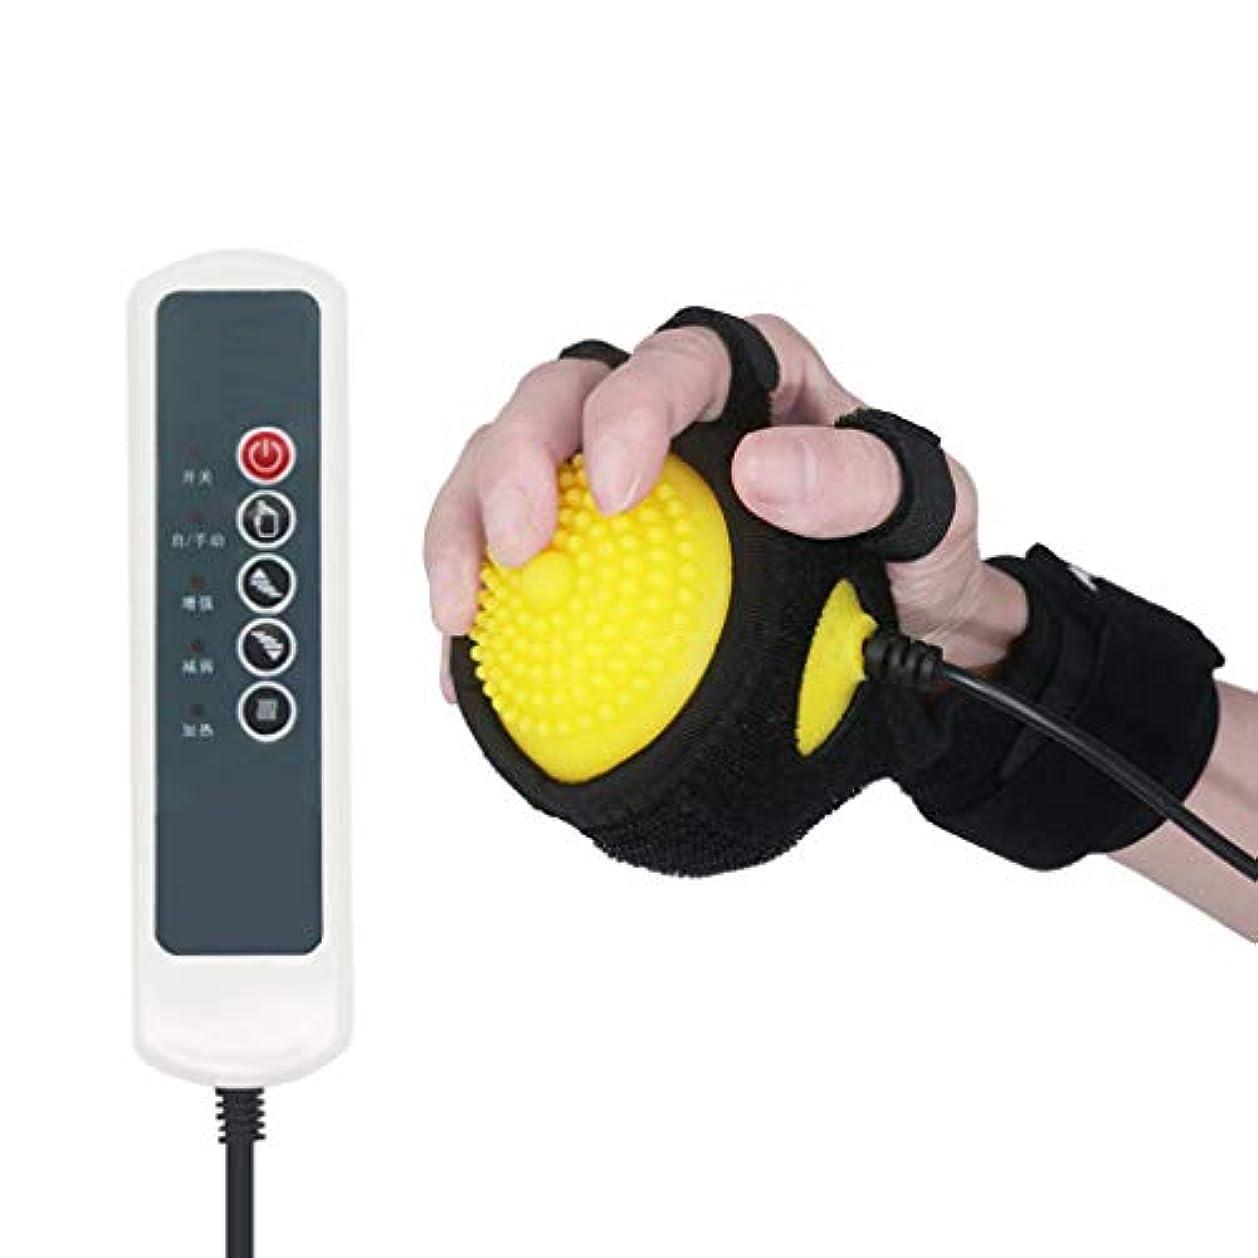 一致する時々時々立証する電気ホット圧縮脳卒中片麻痺指回復マッサージリハビリテーション受動トレーニング指屈曲矯正療法ボール